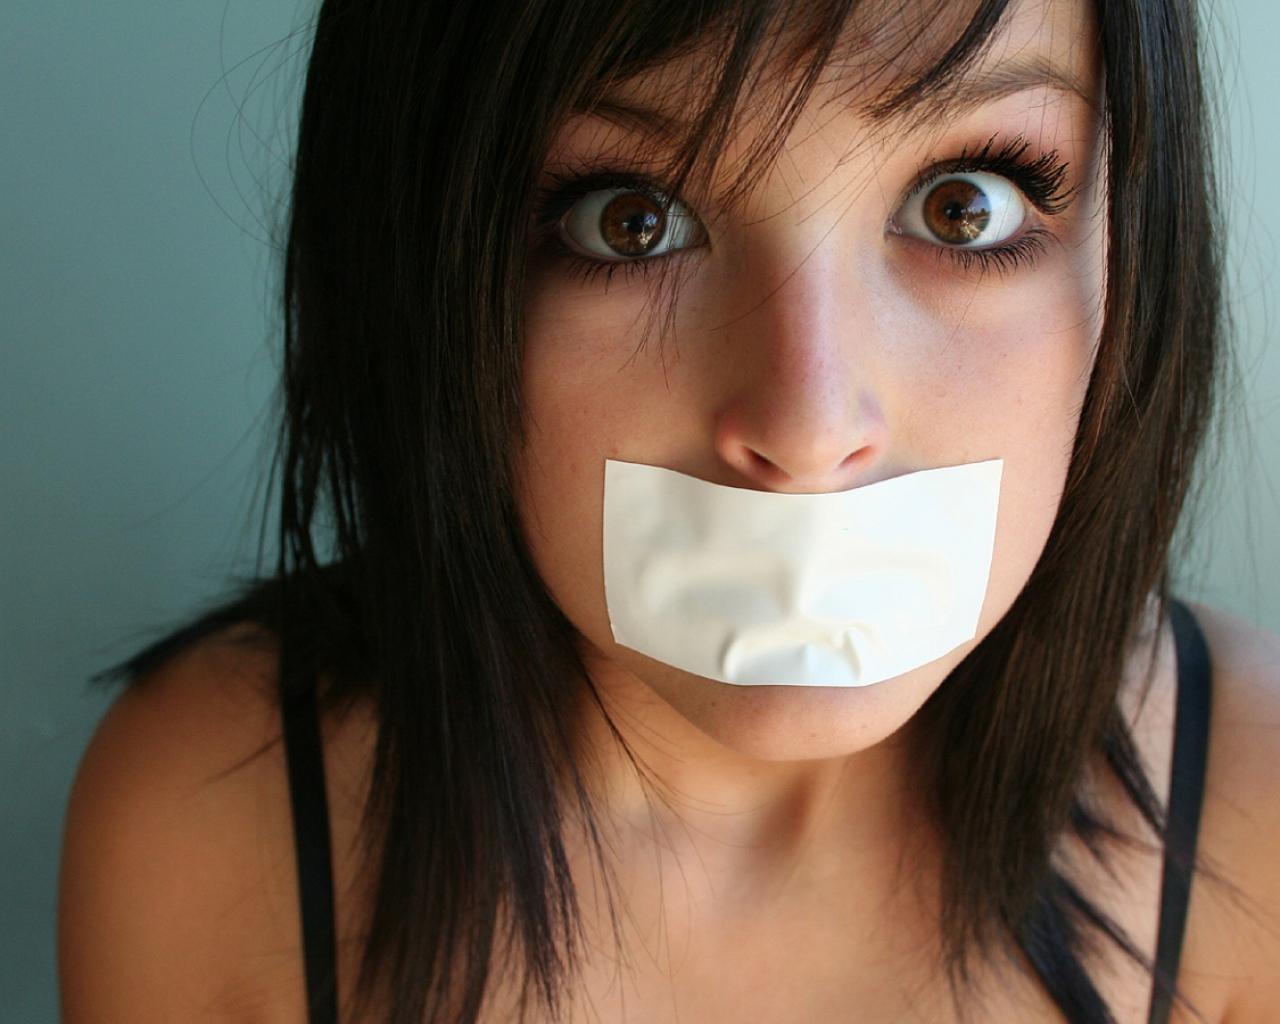 Chica con la boca tapada - 1280x1024